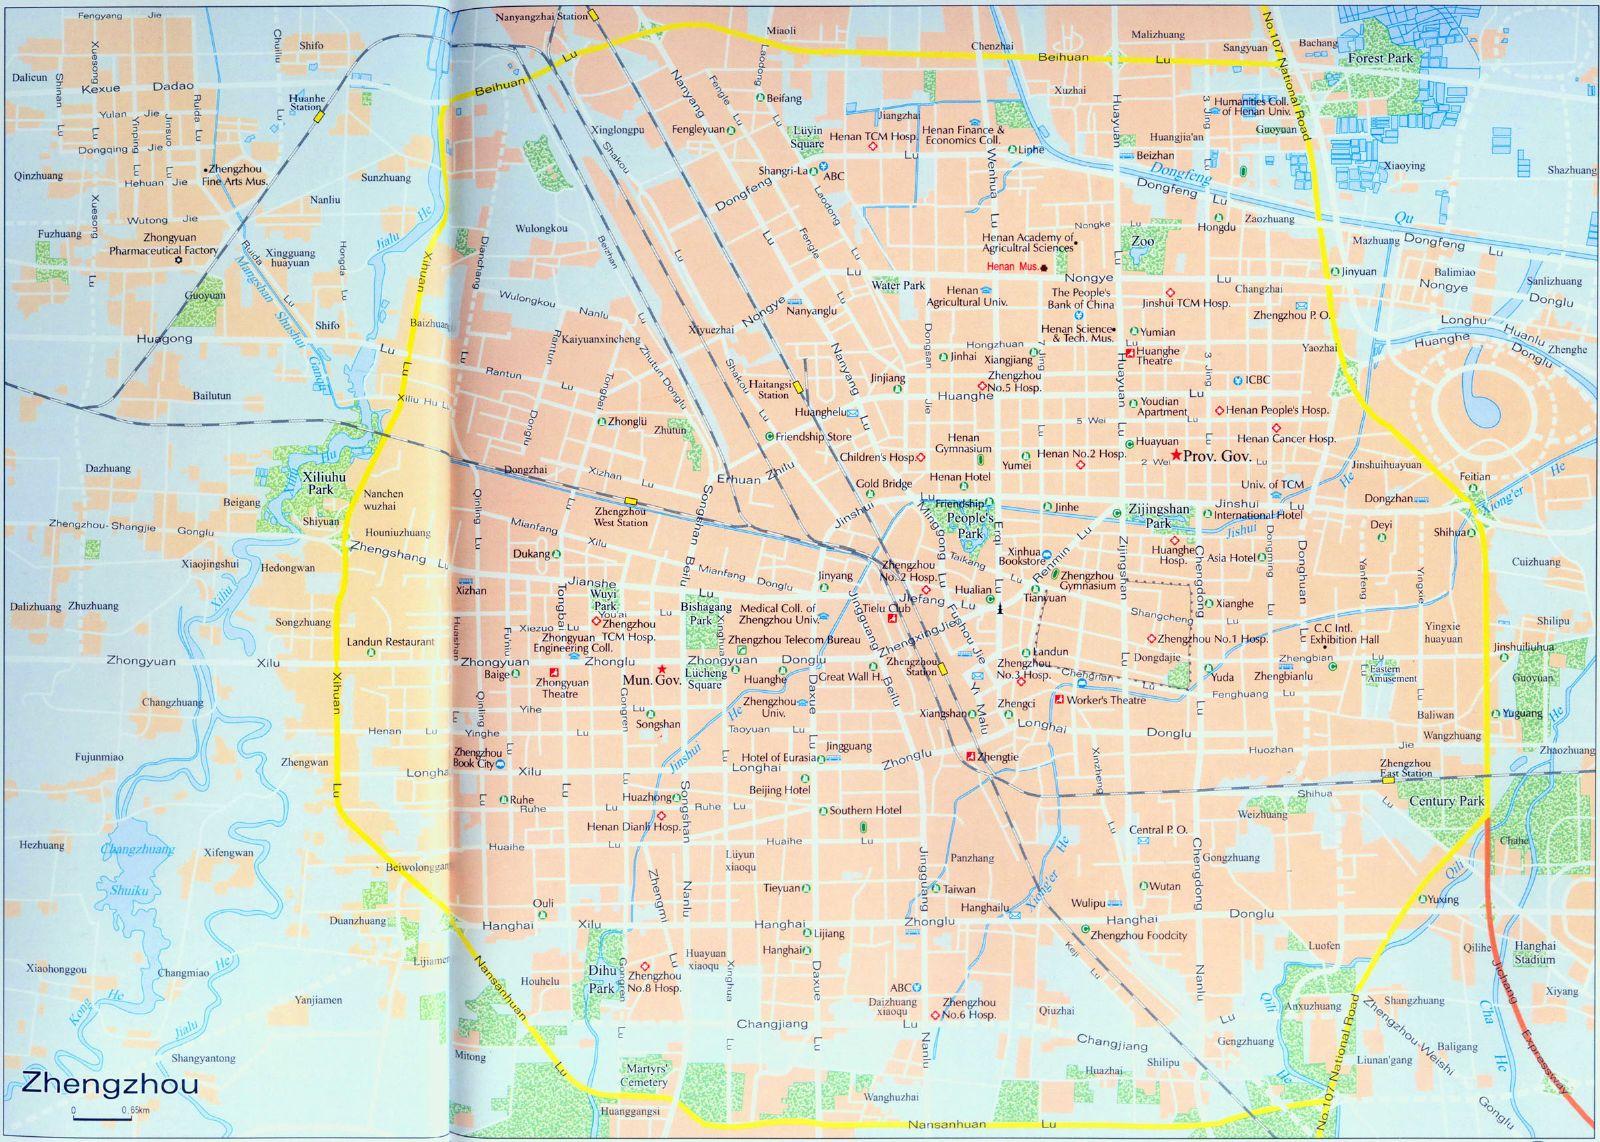 Zhengzhou City Map